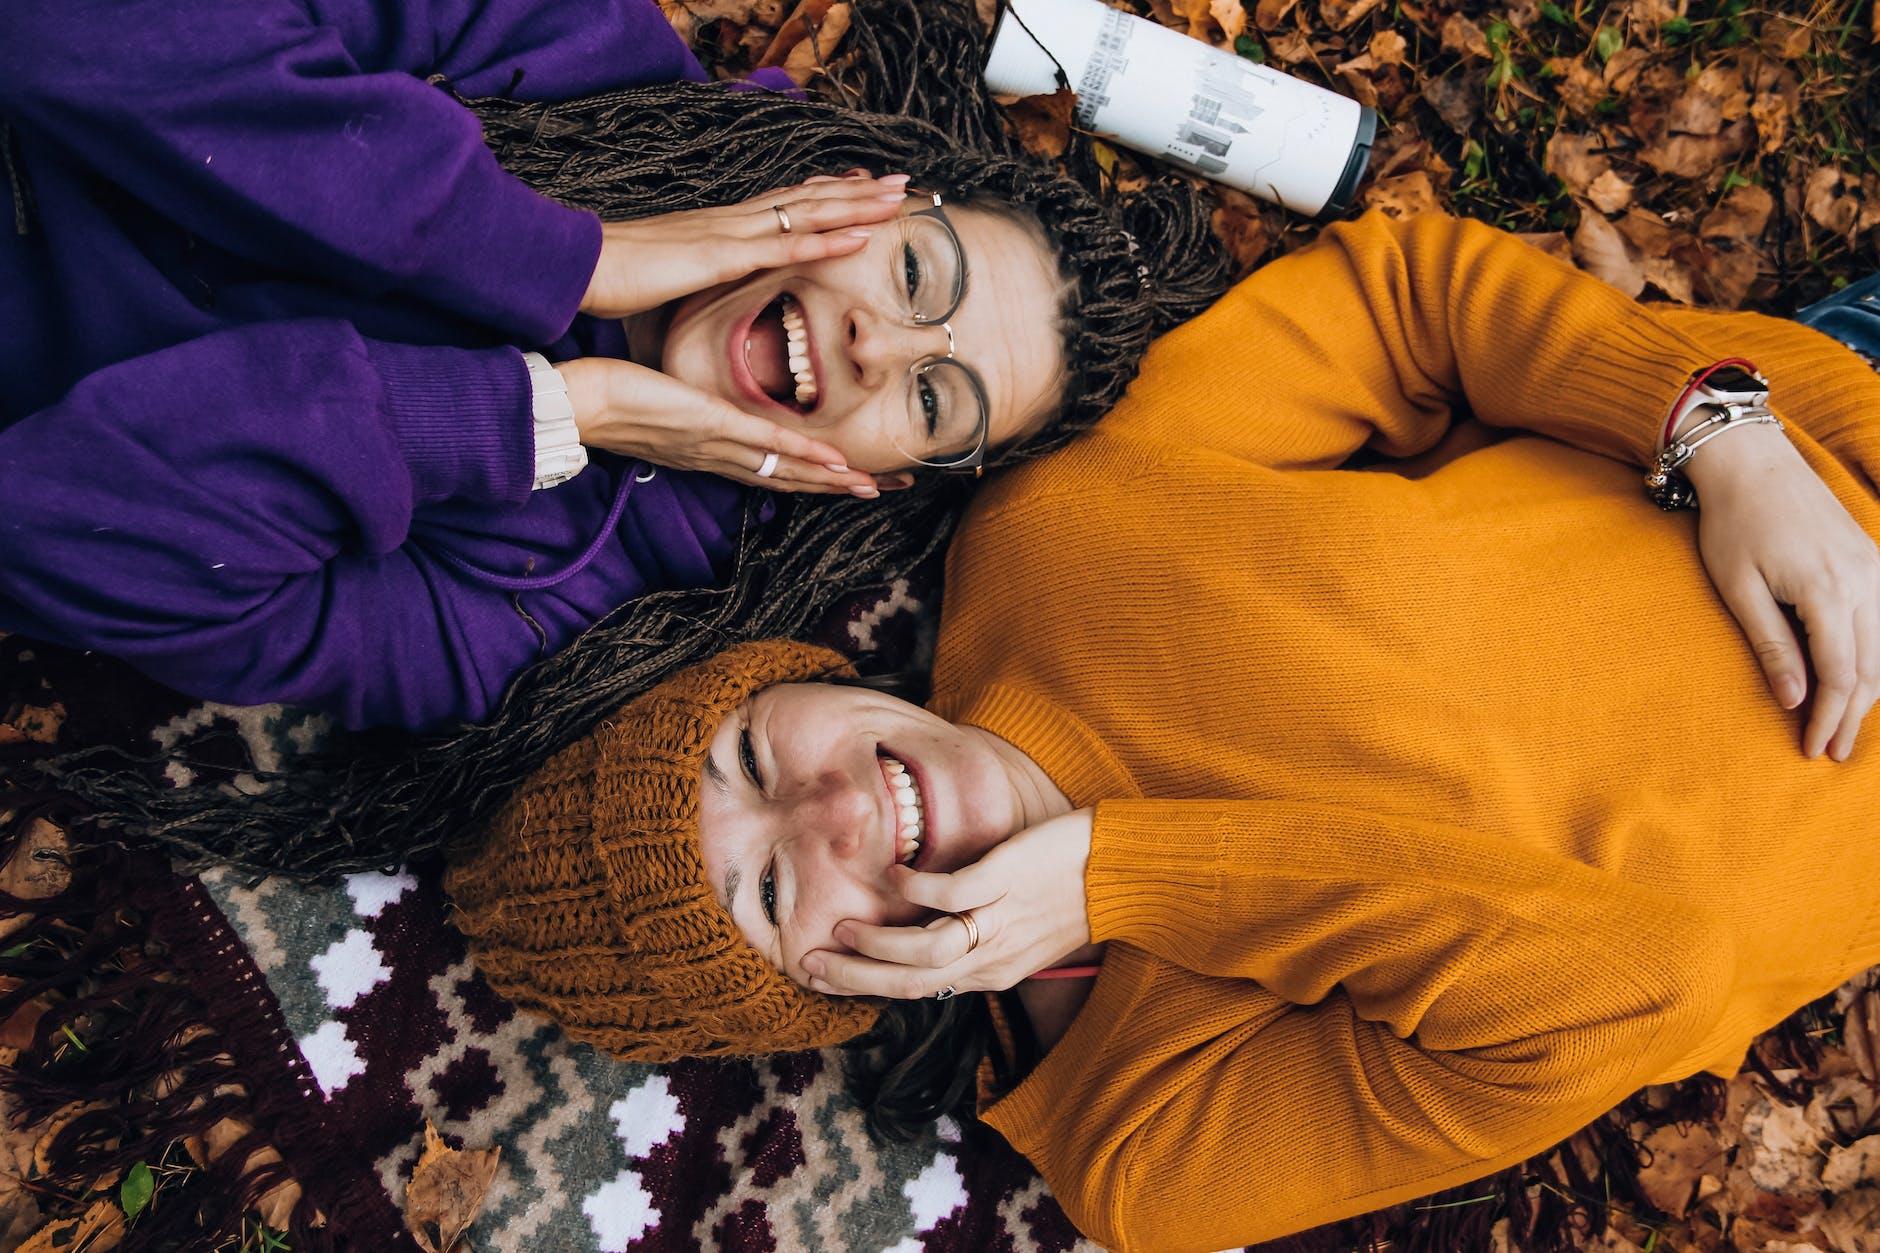 Carilah teman yang membuatmu bahagia dan selalu berpikir positif